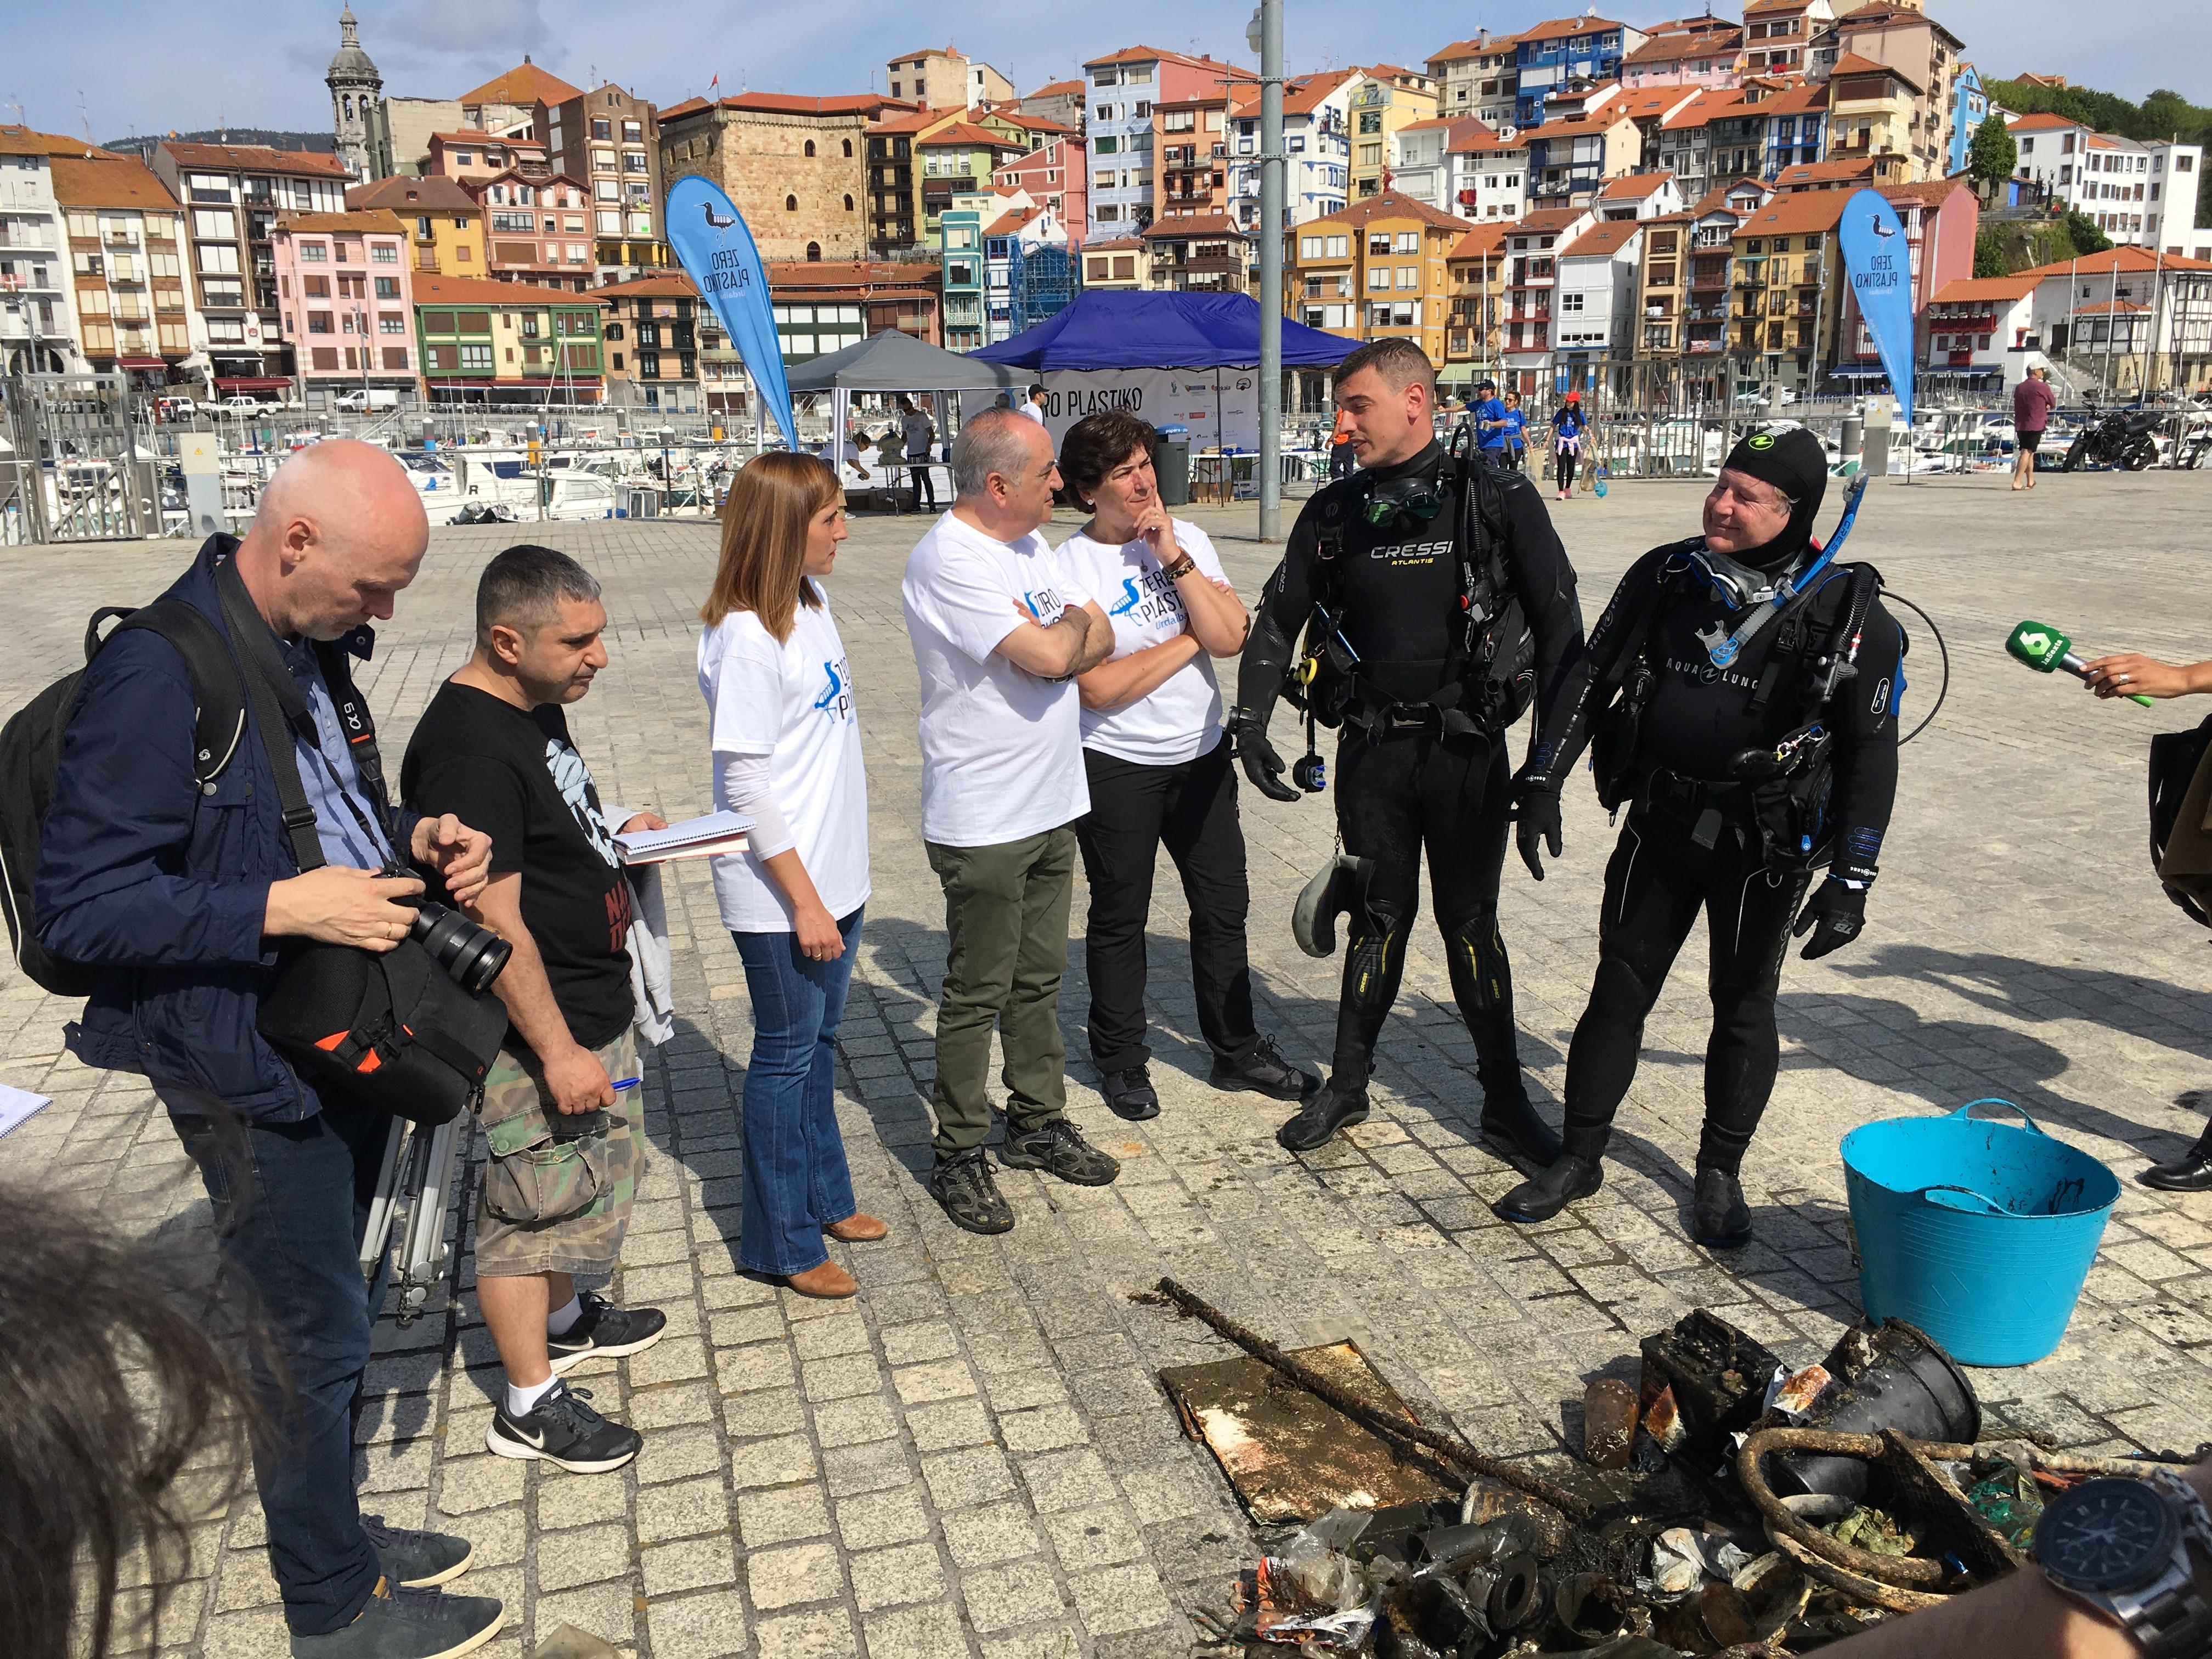 Arranca Zero Plastiko Urdaibai, la gran jornada de limpieza y concienciación sobre plásticos en el litoral de Urdaibai